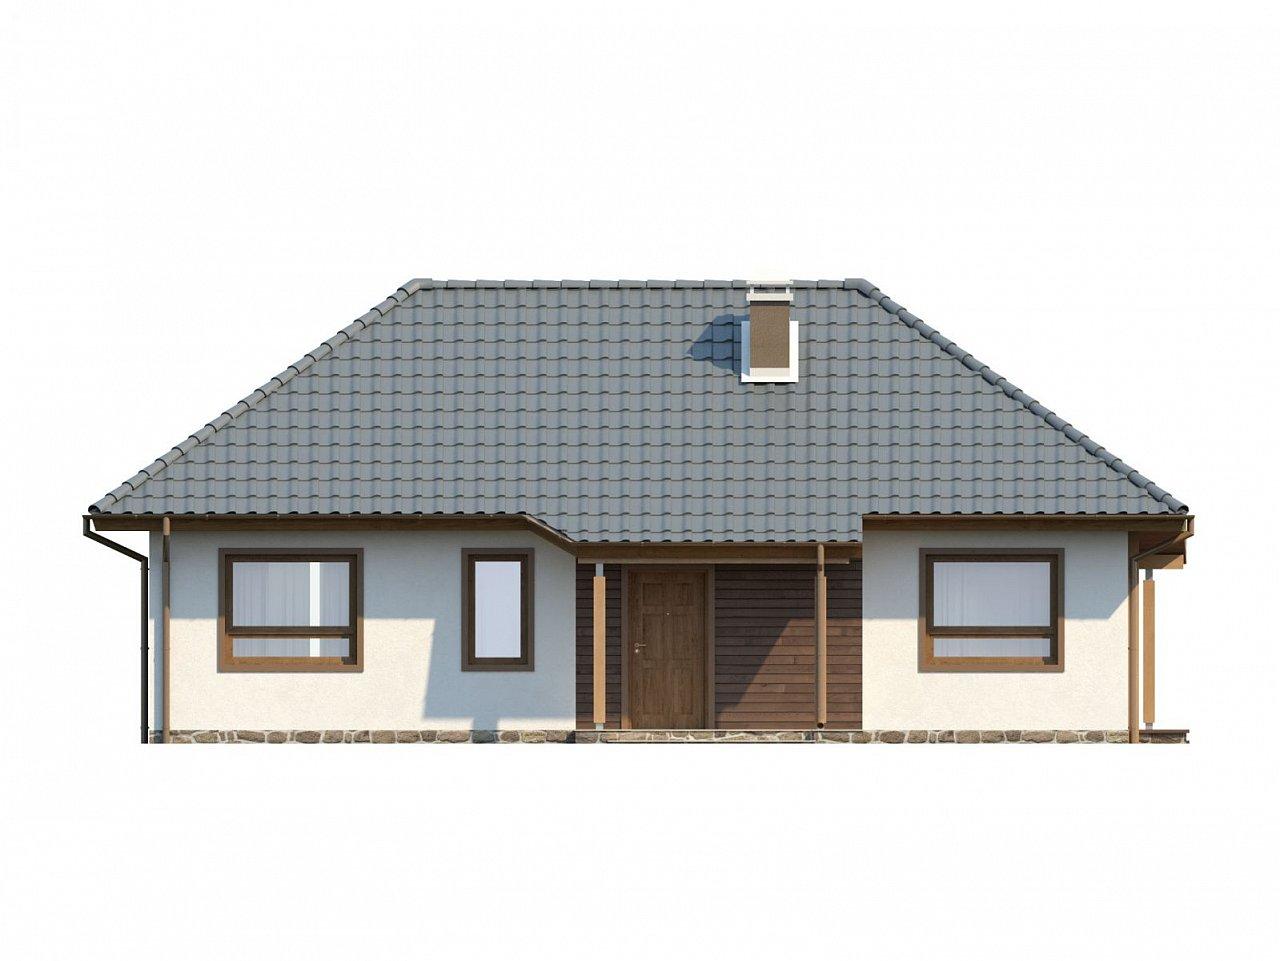 Проект одноэтажного классического дома адаптированного для каркасной технологии строительства. - фото 14